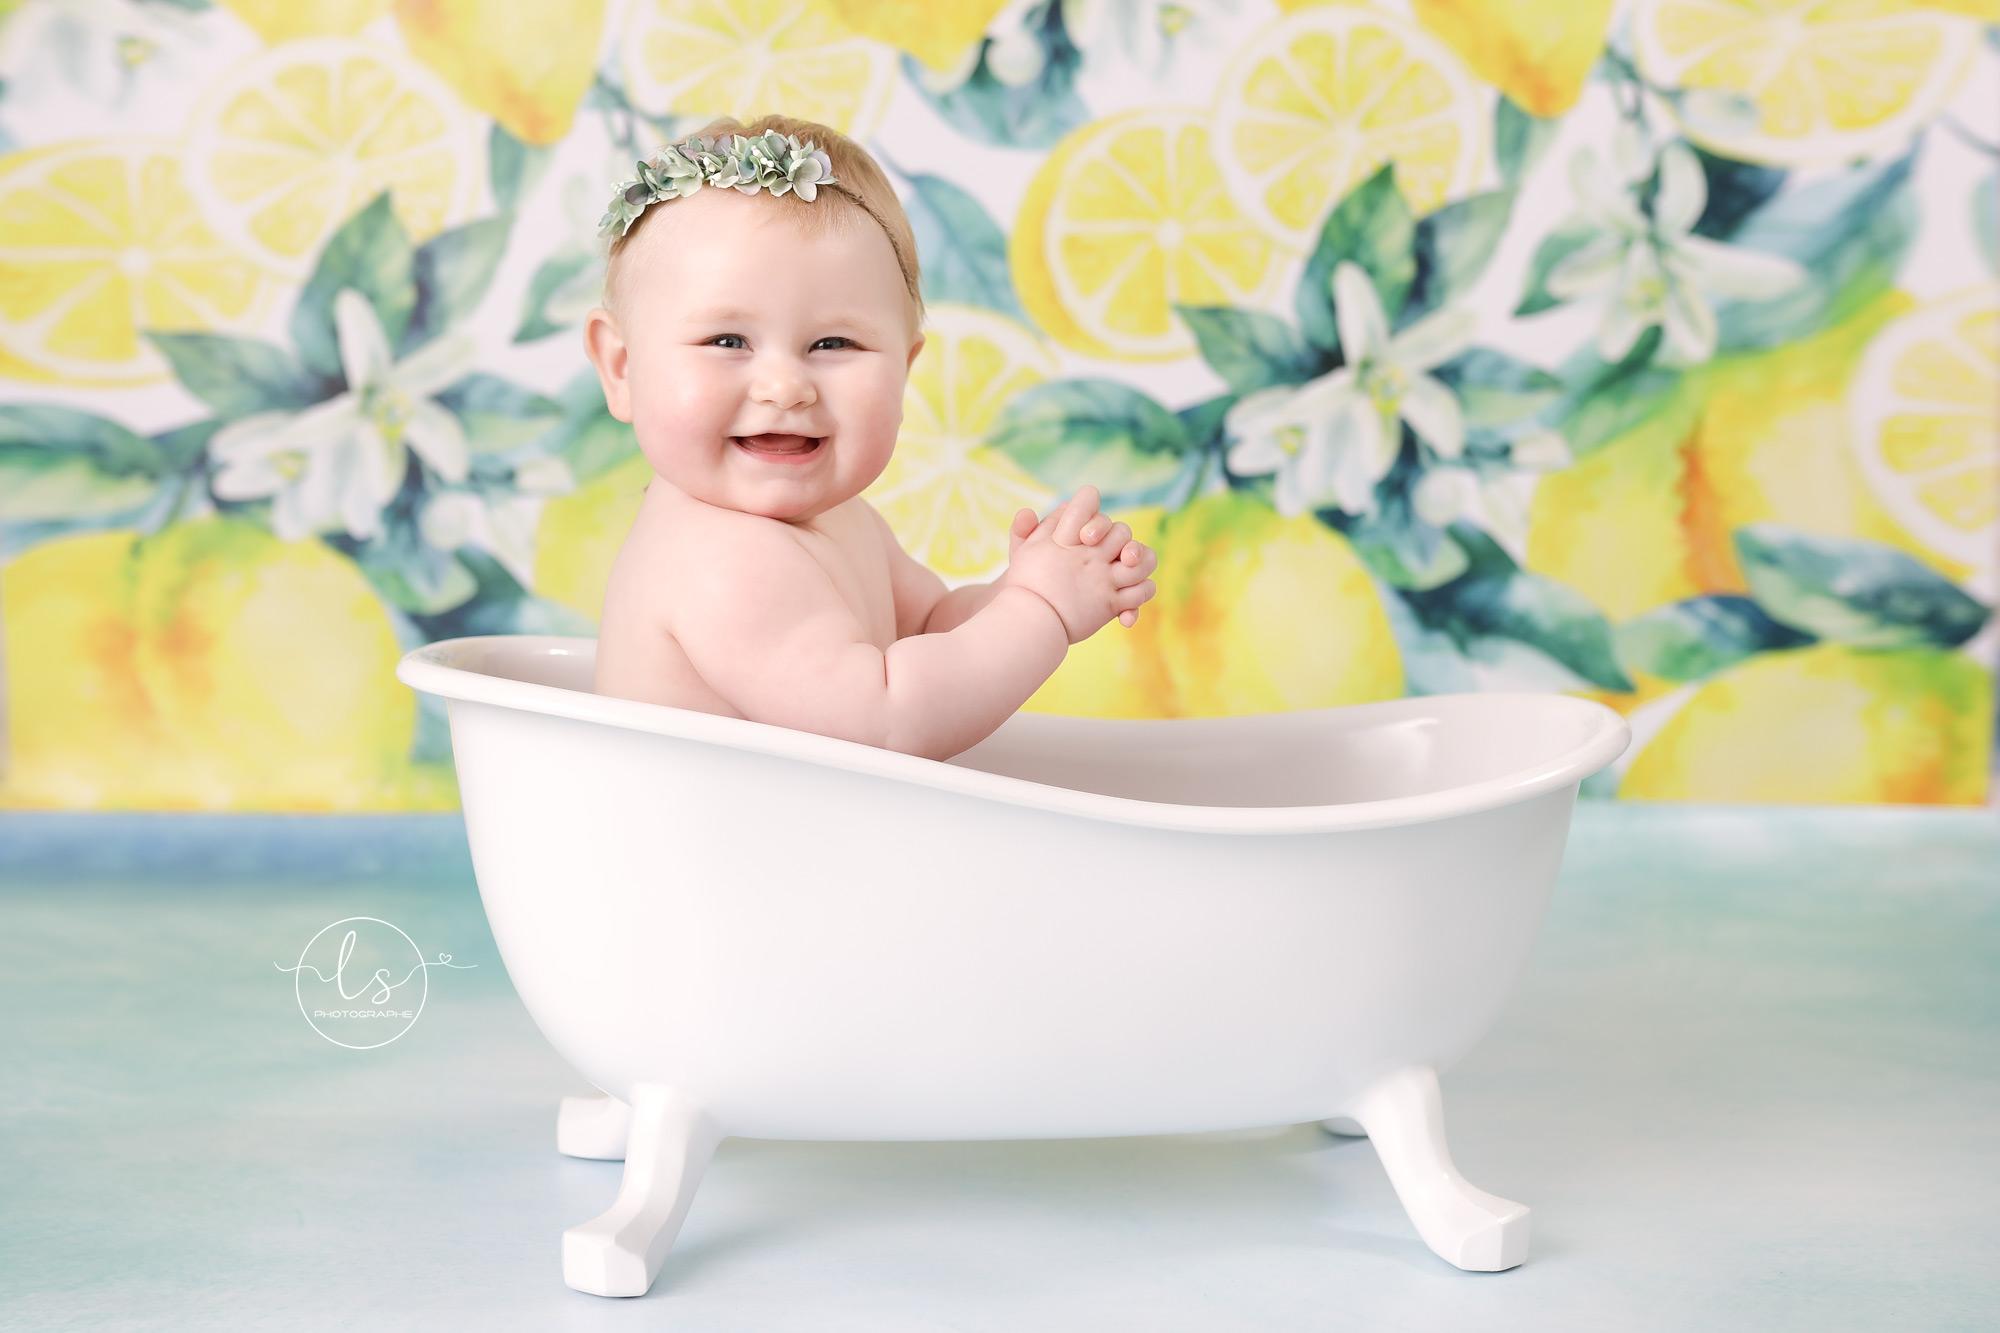 photographe bébé Belgique baignoire anniversaire